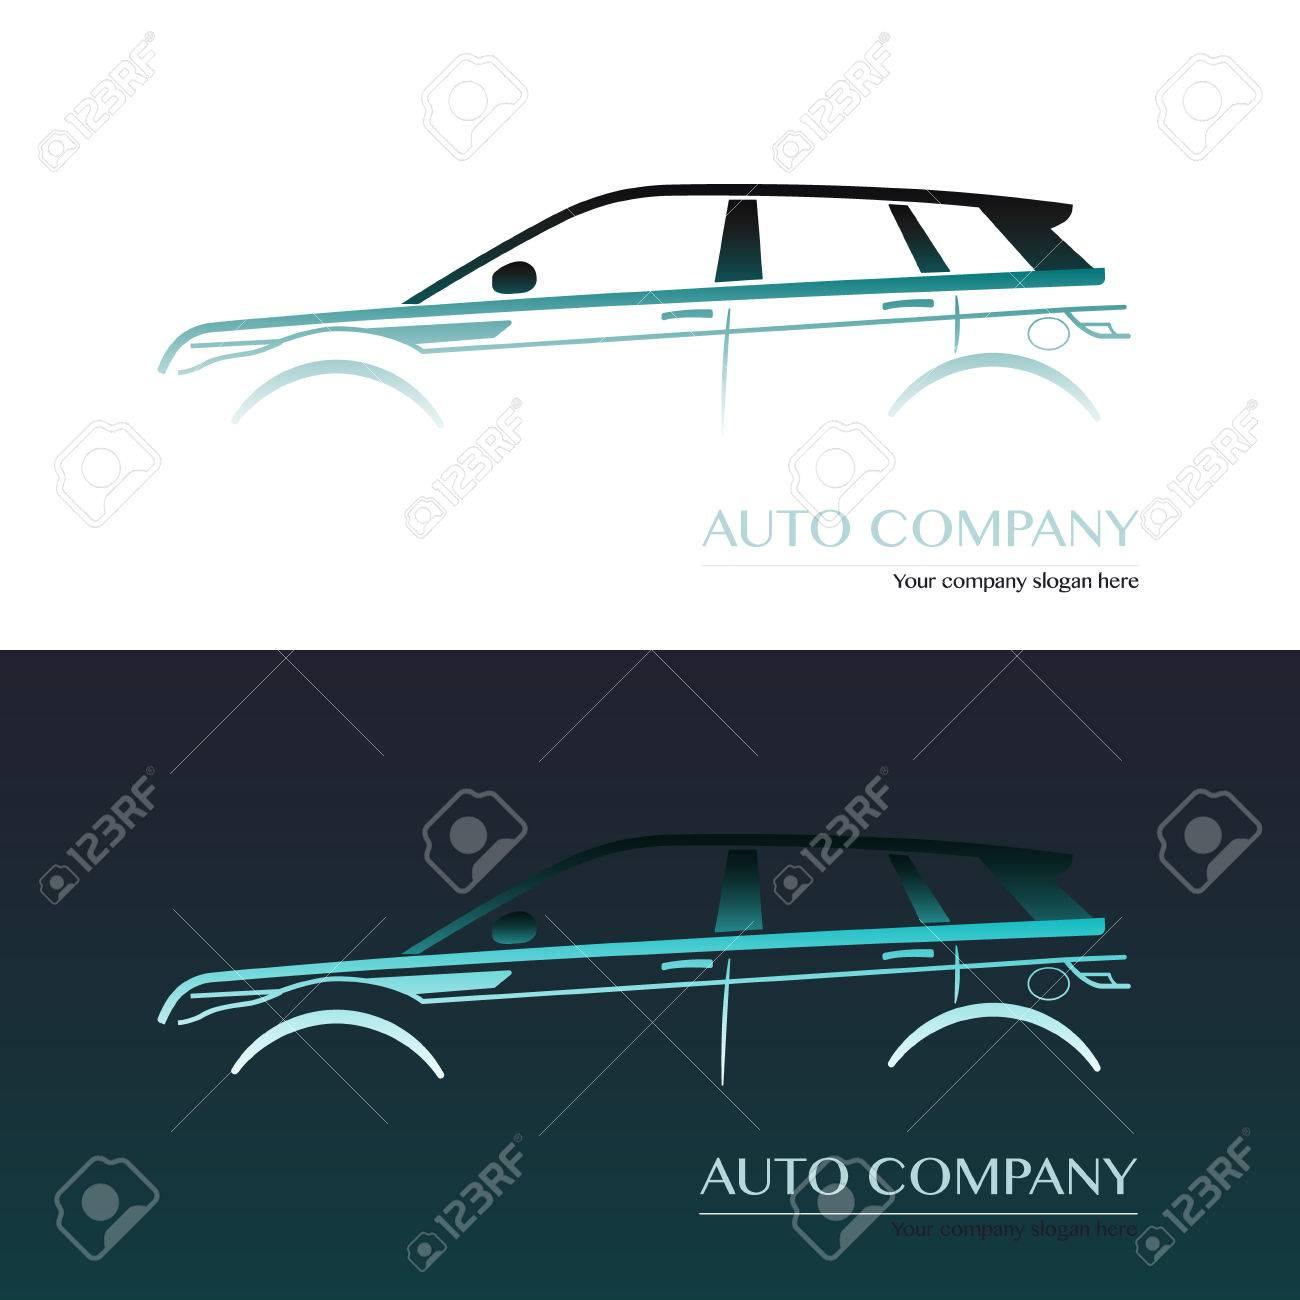 Auto Company Logo Vector Design Concept Car Business Cards Stock